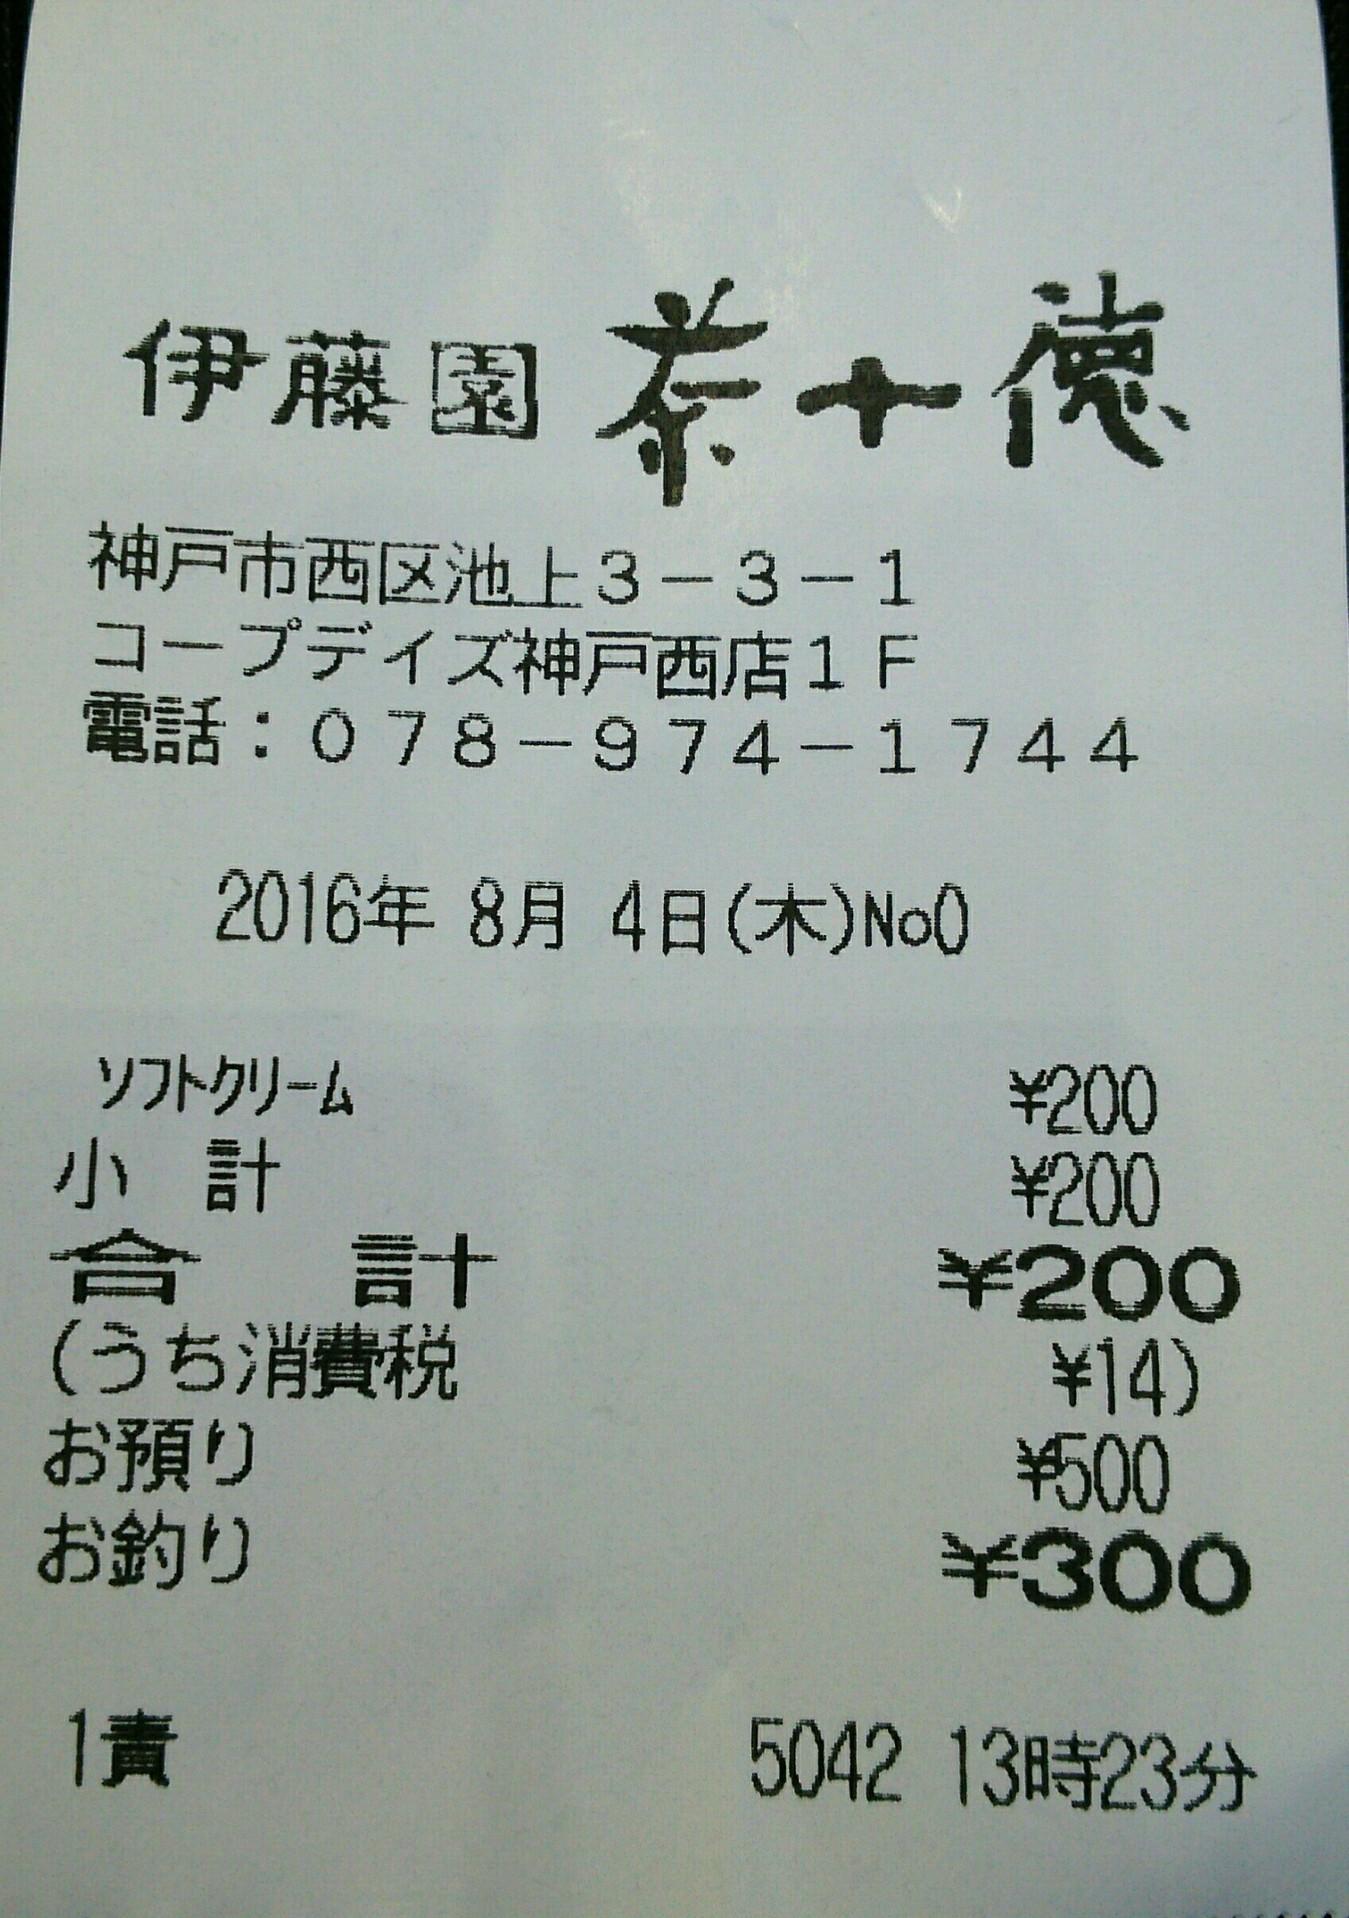 伊藤園 茶十徳 コープデイズ神戸西店